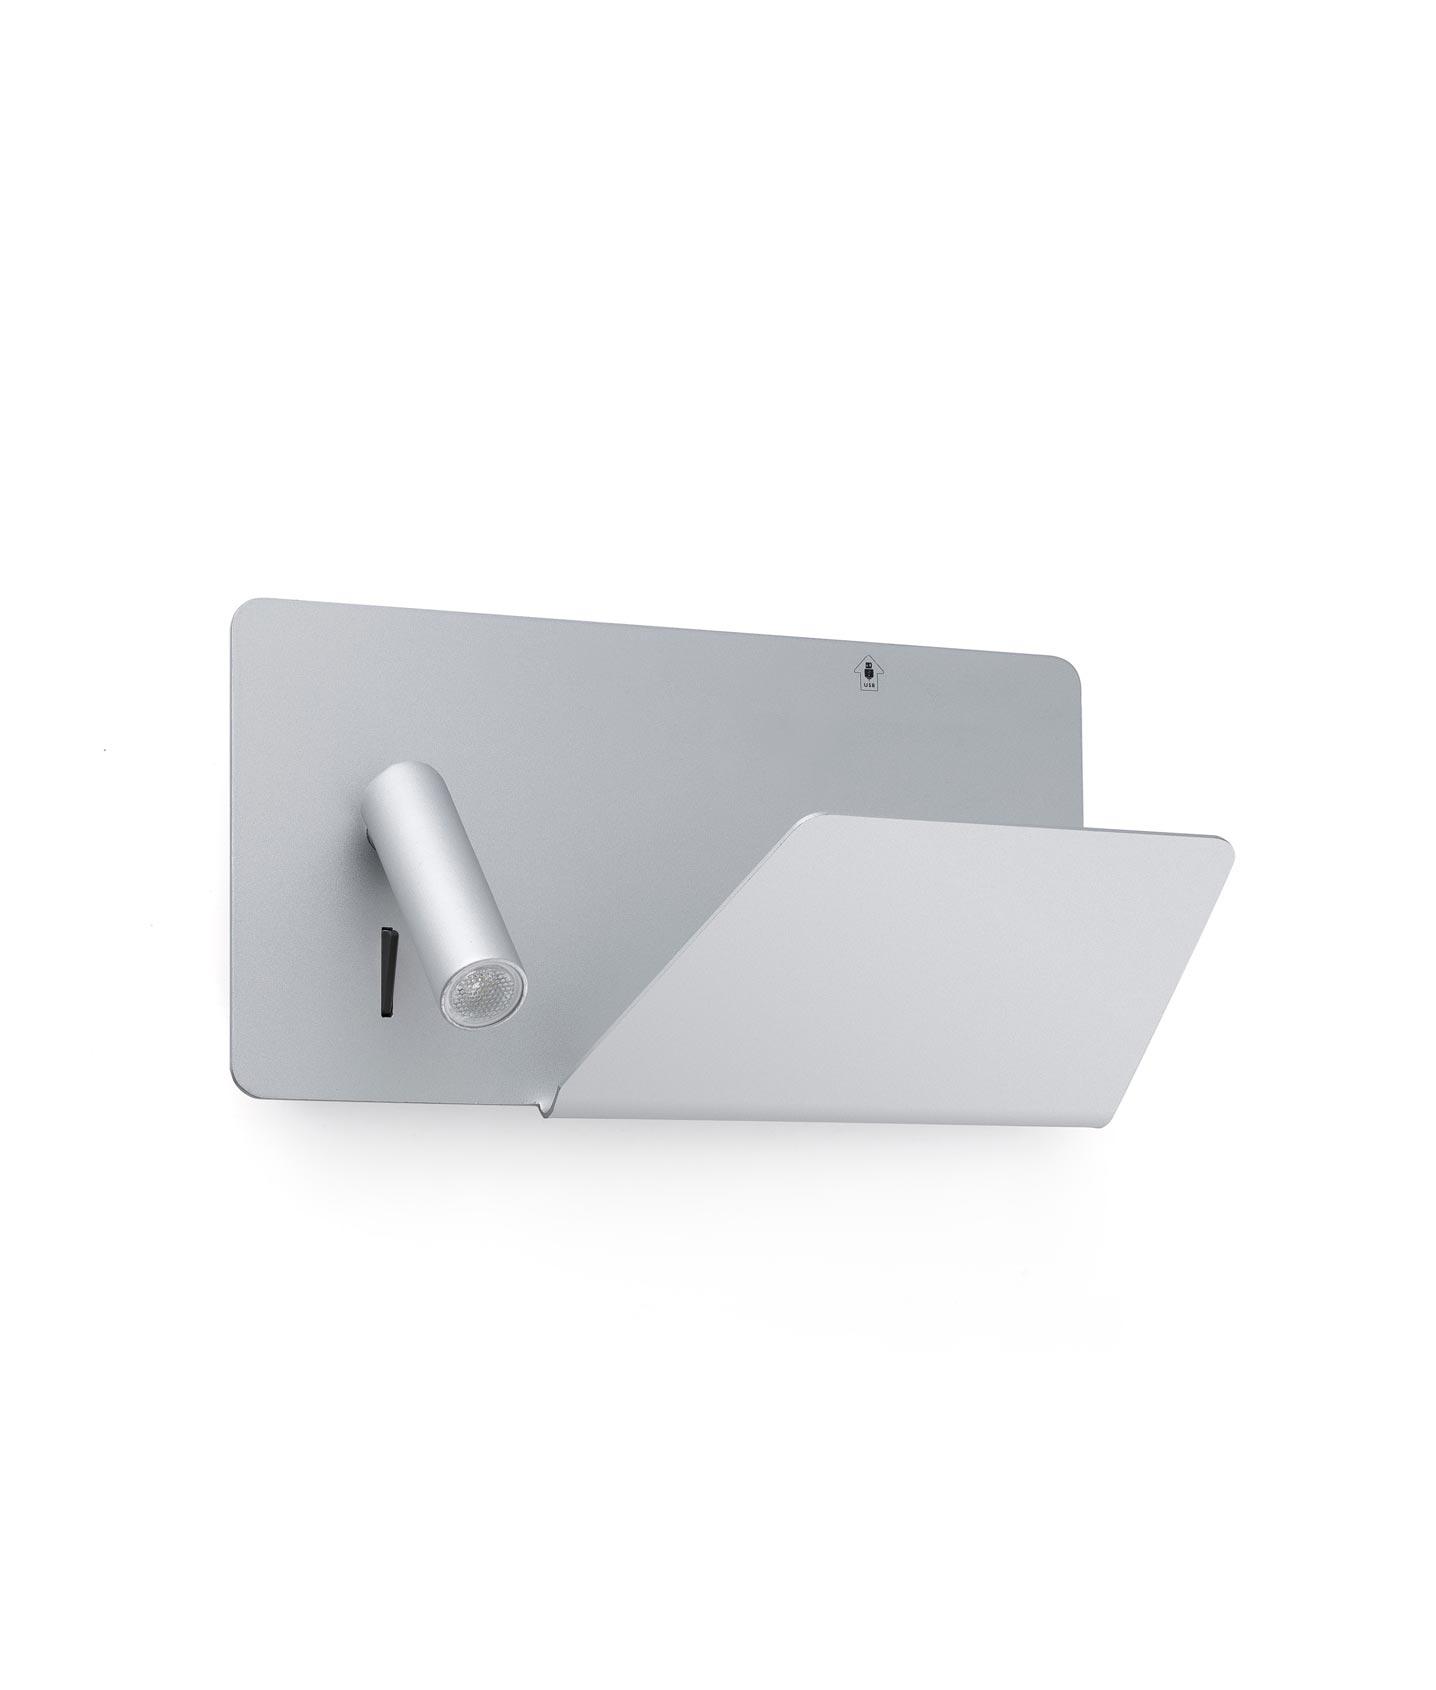 Aplique gris derecha SUAU USB